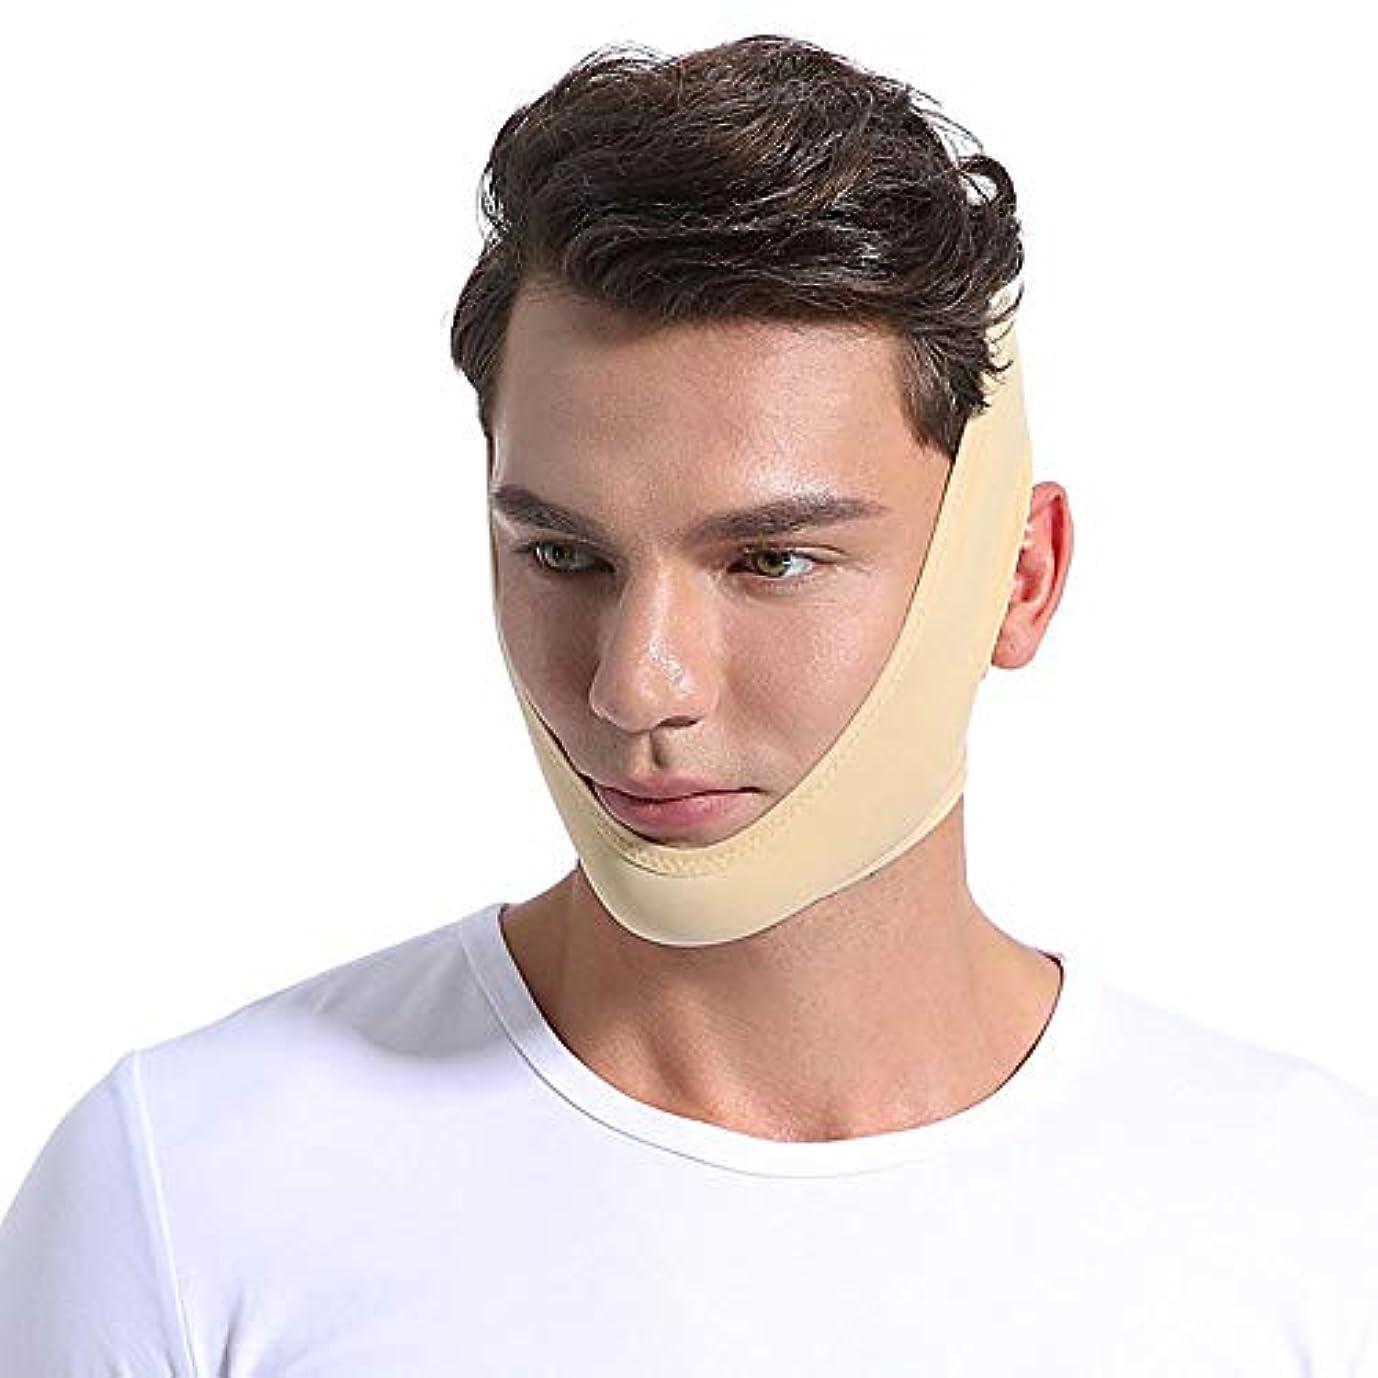 計画シダ結果男性の顔の薄い顔、Vの顔の薄い顔の包帯/改装/フェイスマッサージ/リフトフェイスマスク/(色),XL